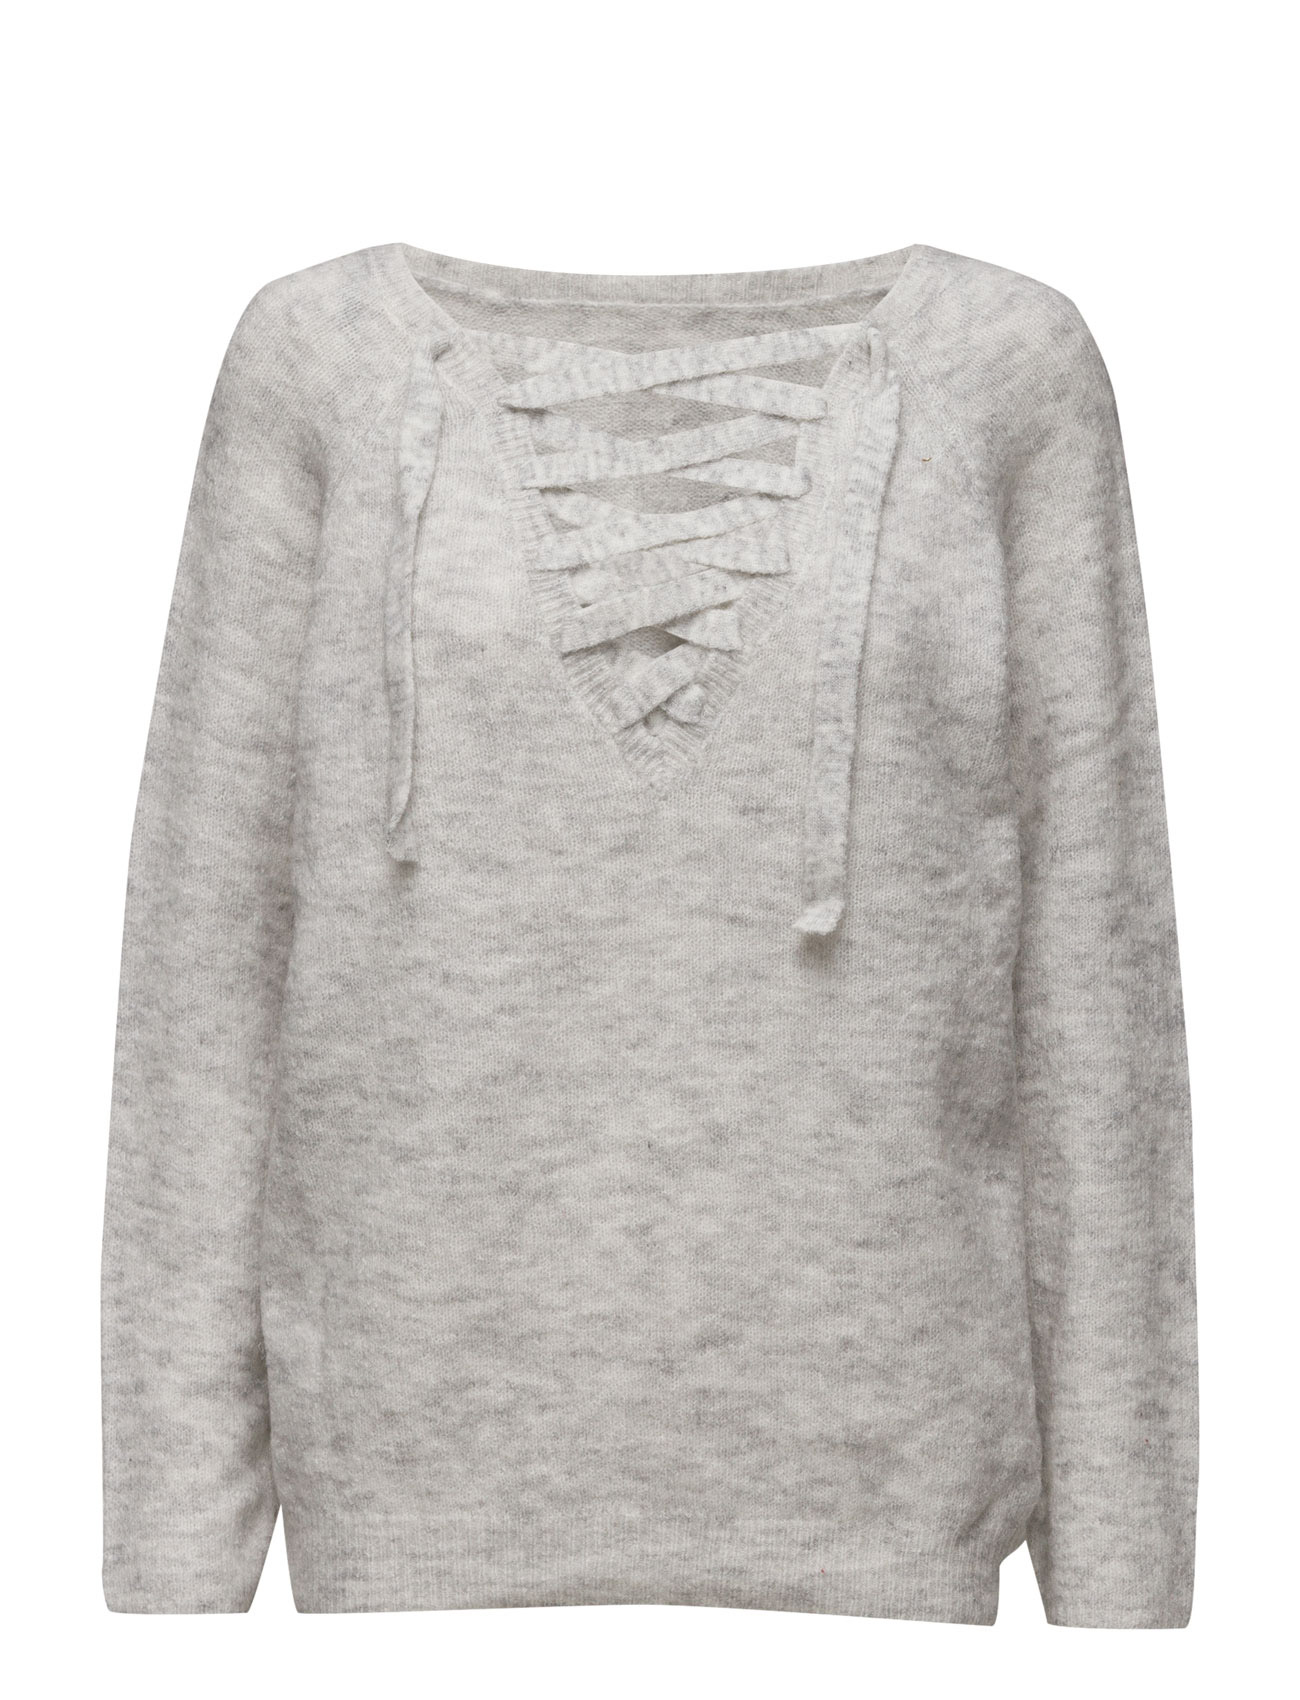 Vicant String Knit Top/1 Vila Sweatshirts til Kvinder i Sandshell